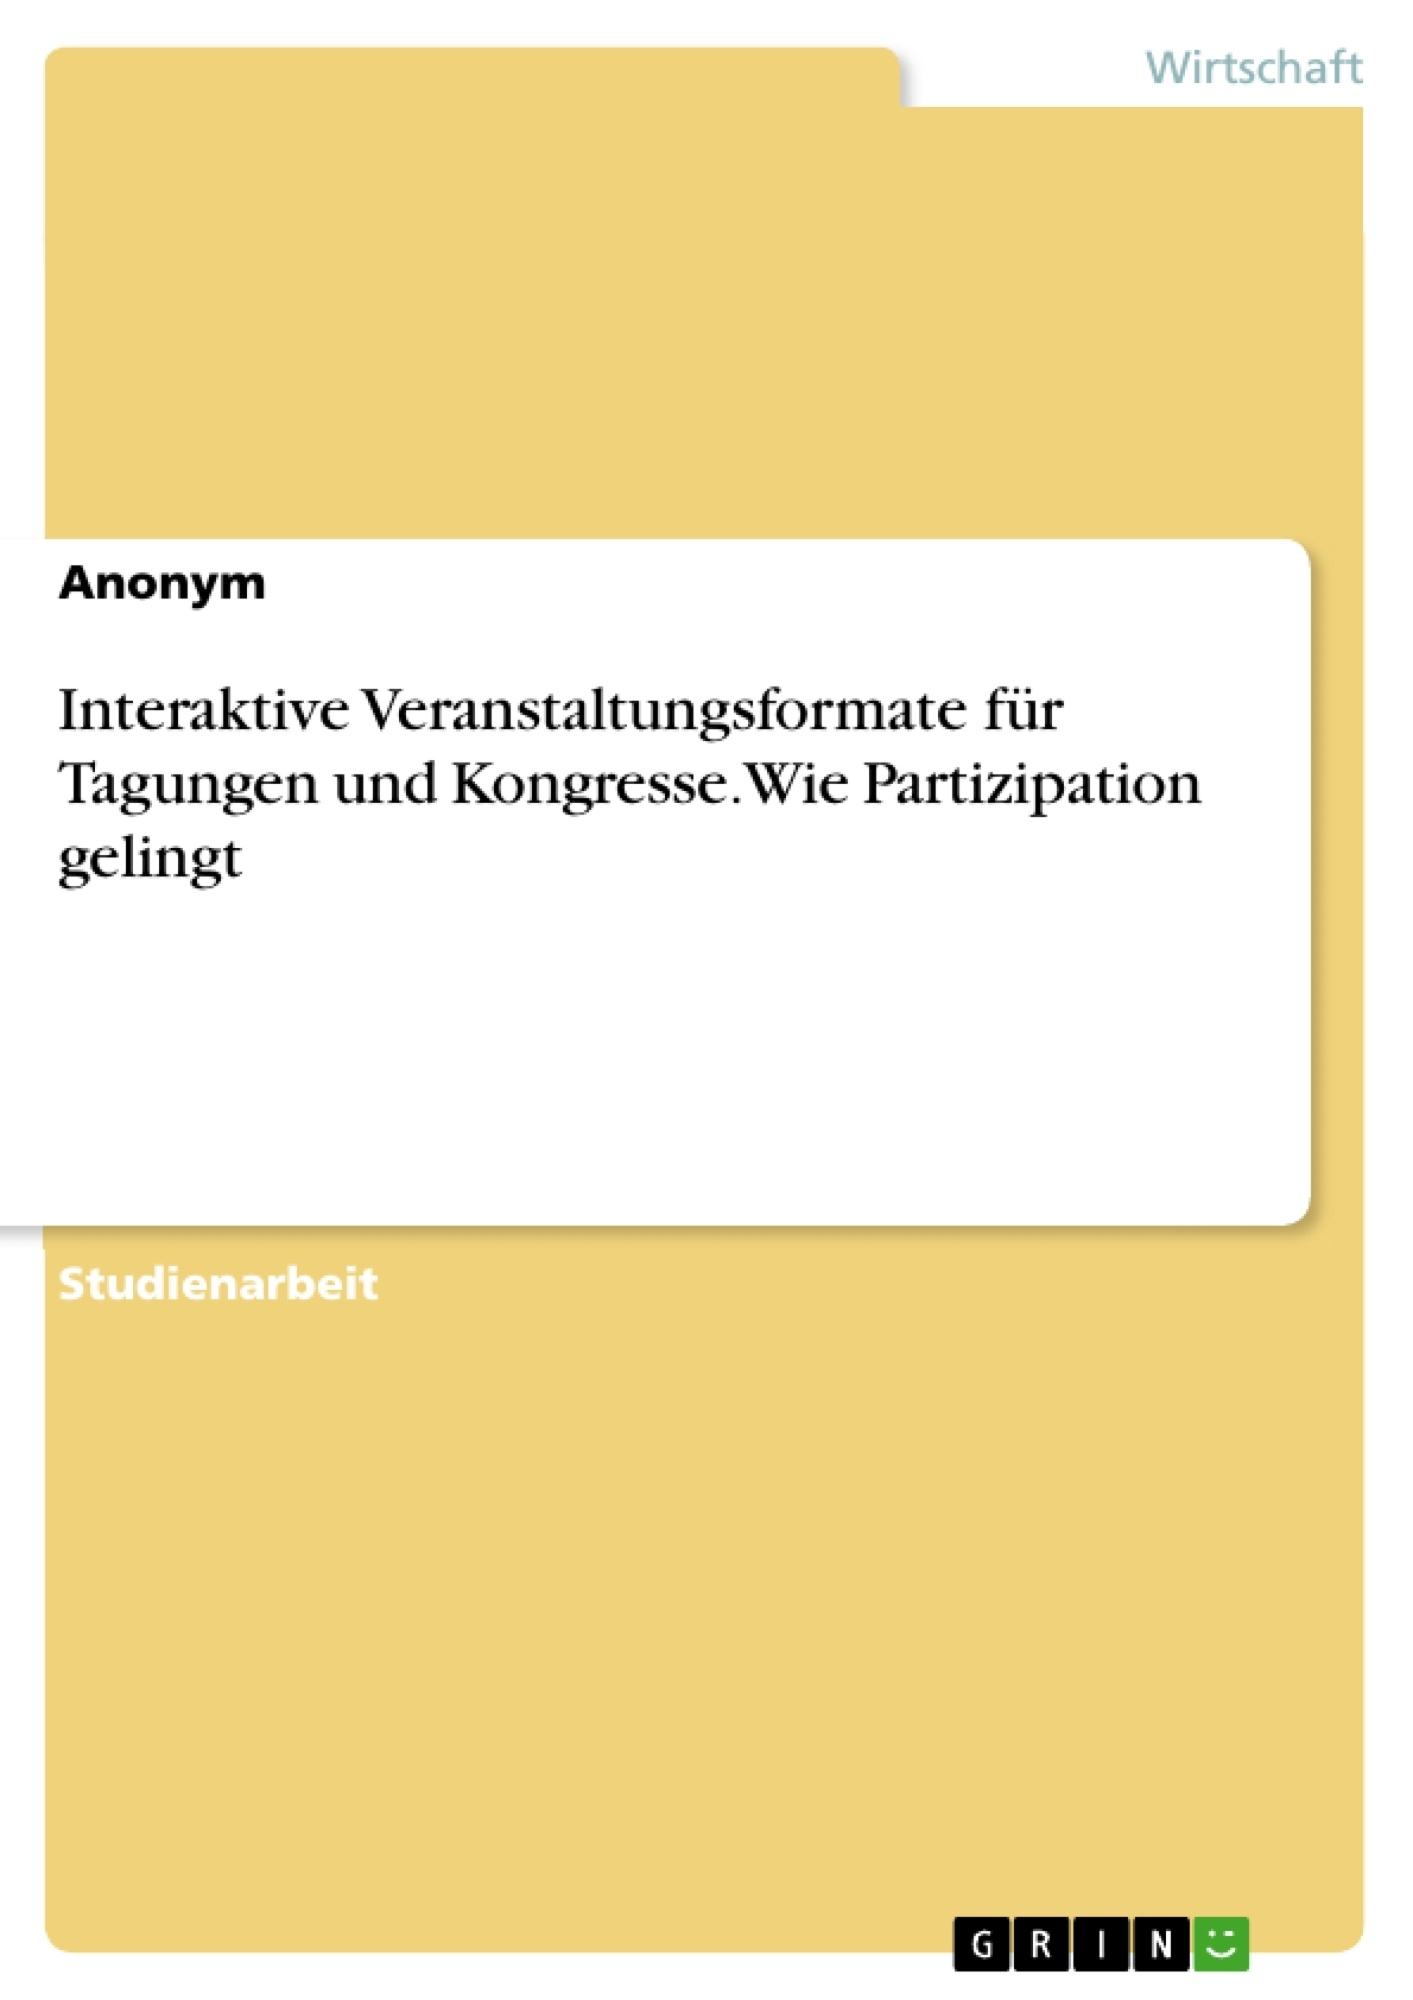 Titel: Interaktive Veranstaltungsformate für Tagungen und Kongresse. Wie Partizipation gelingt